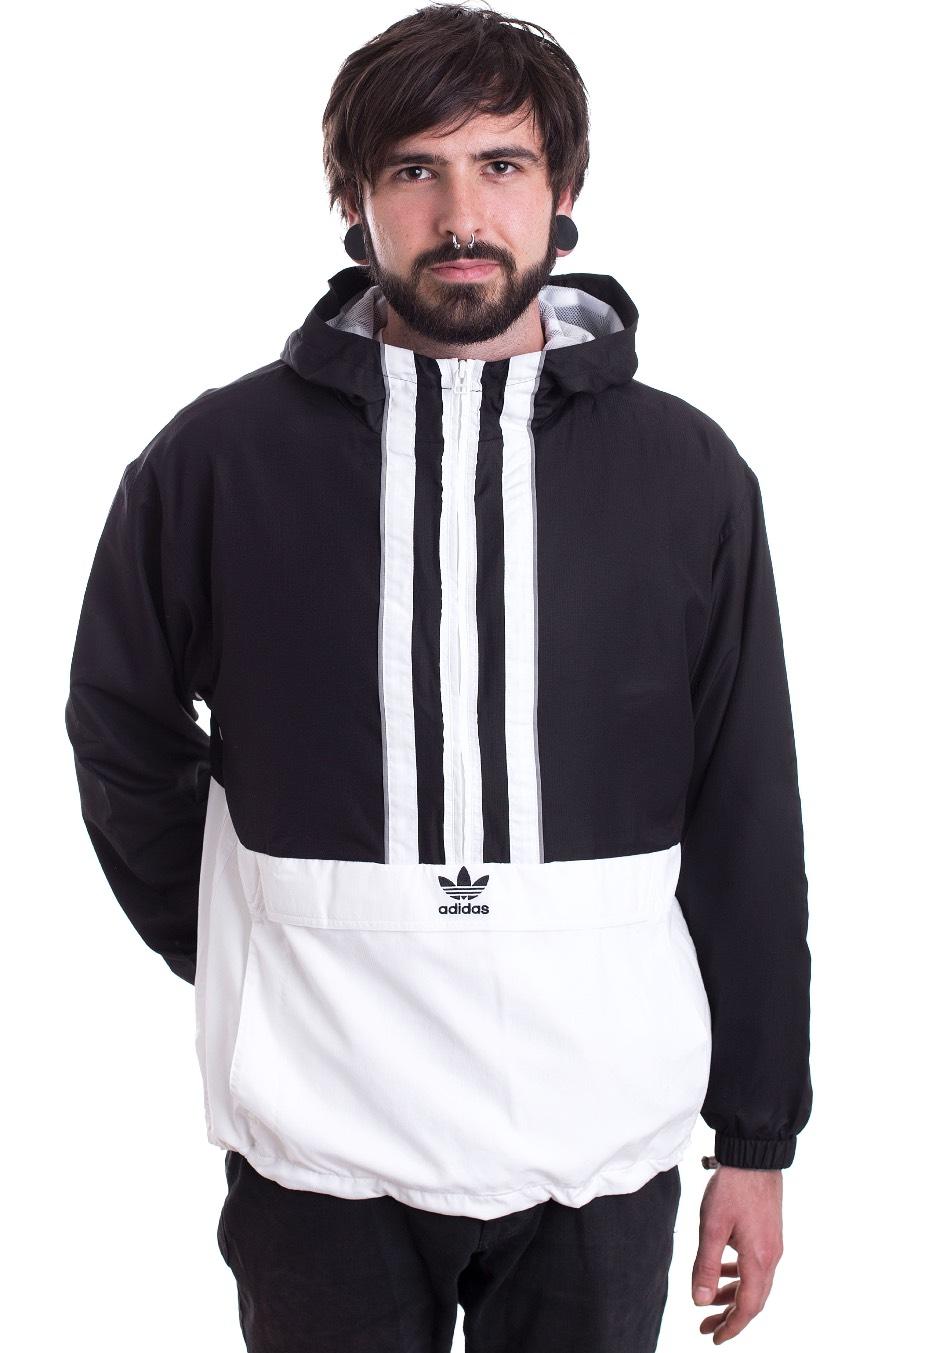 307278bac89c2 Adidas - Authentics Anorak Black White - Jacket - Streetwear Shop -  Impericon.com UK